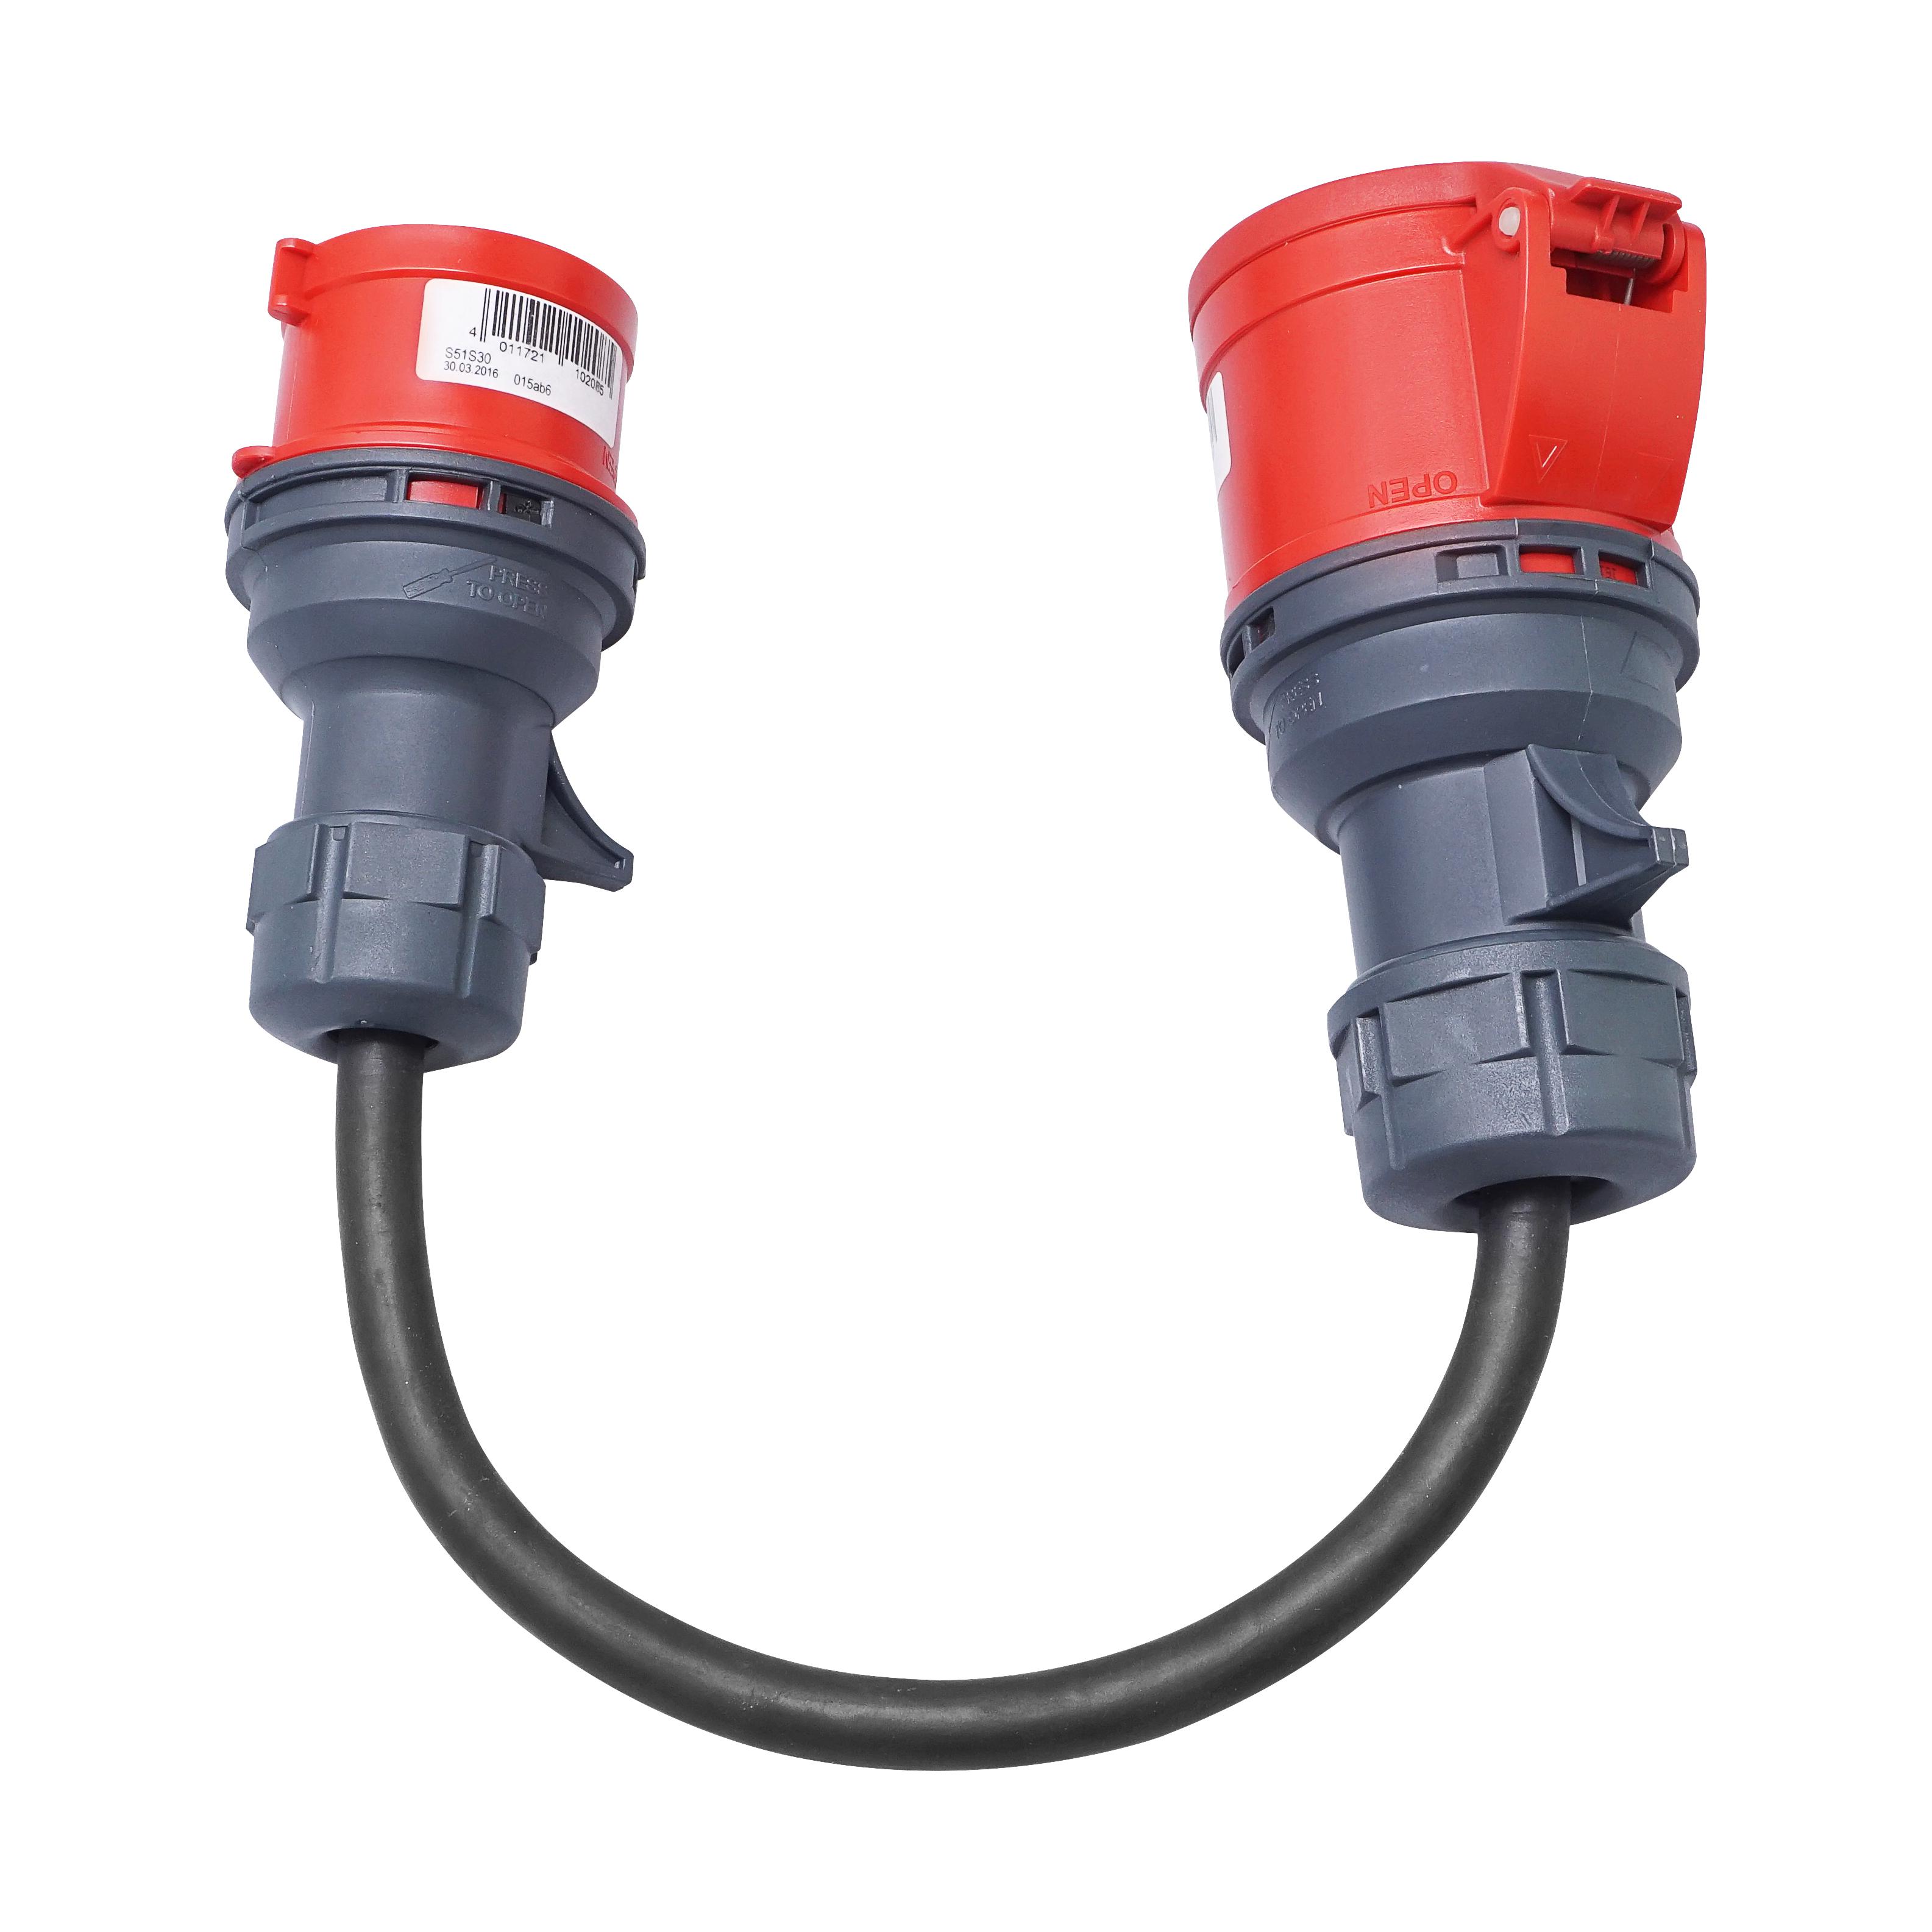 1 Stk Adapterkabel, CEE 16A auf CEE 32A, 5x2,5mm2 H07RN-F Leitung EMNKA3216-